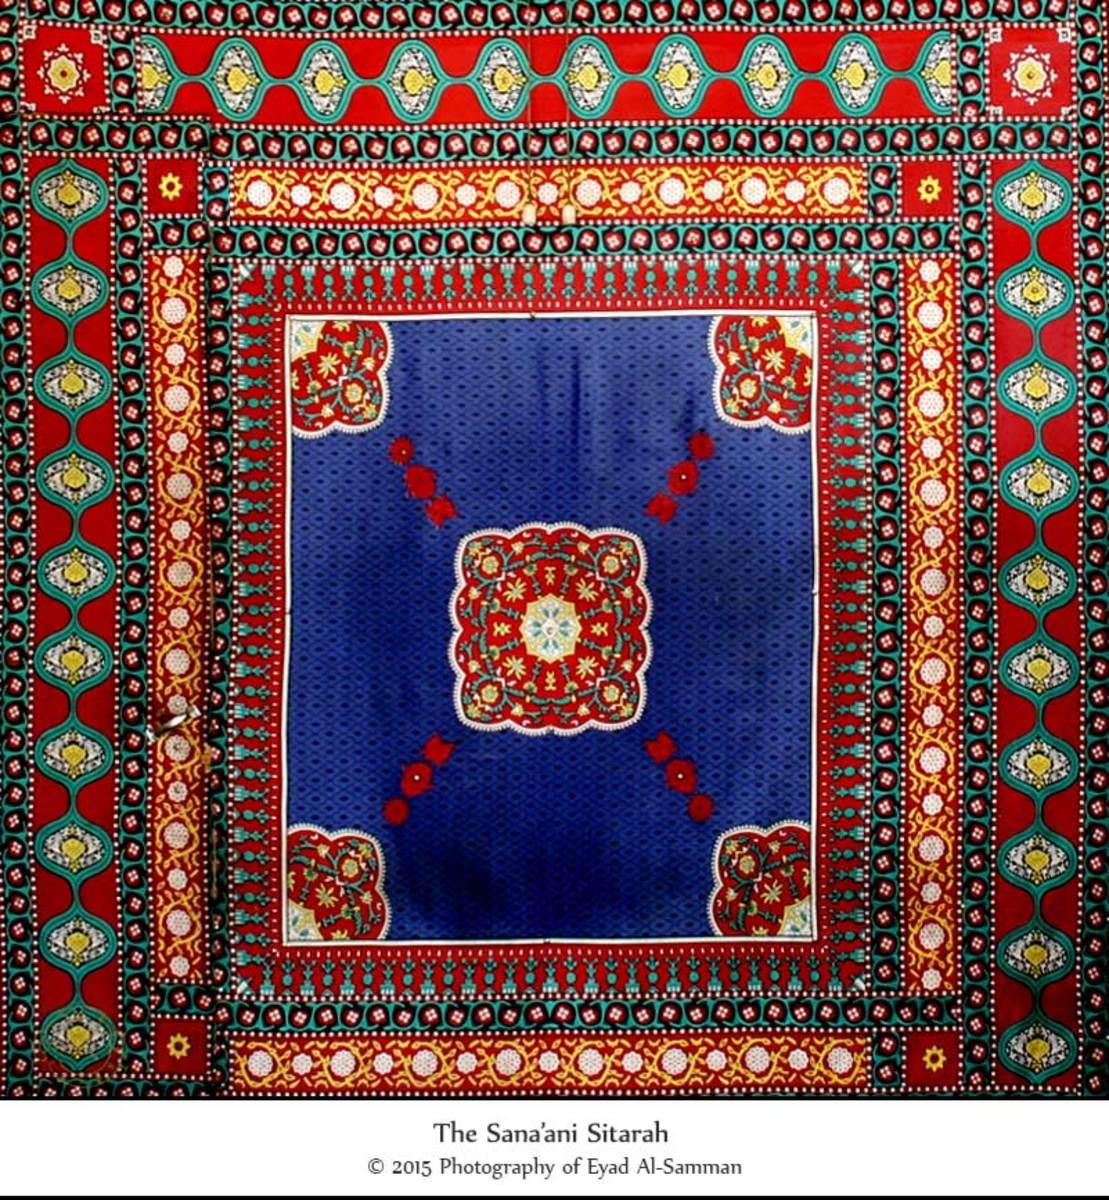 The Sana'ani Sitarah